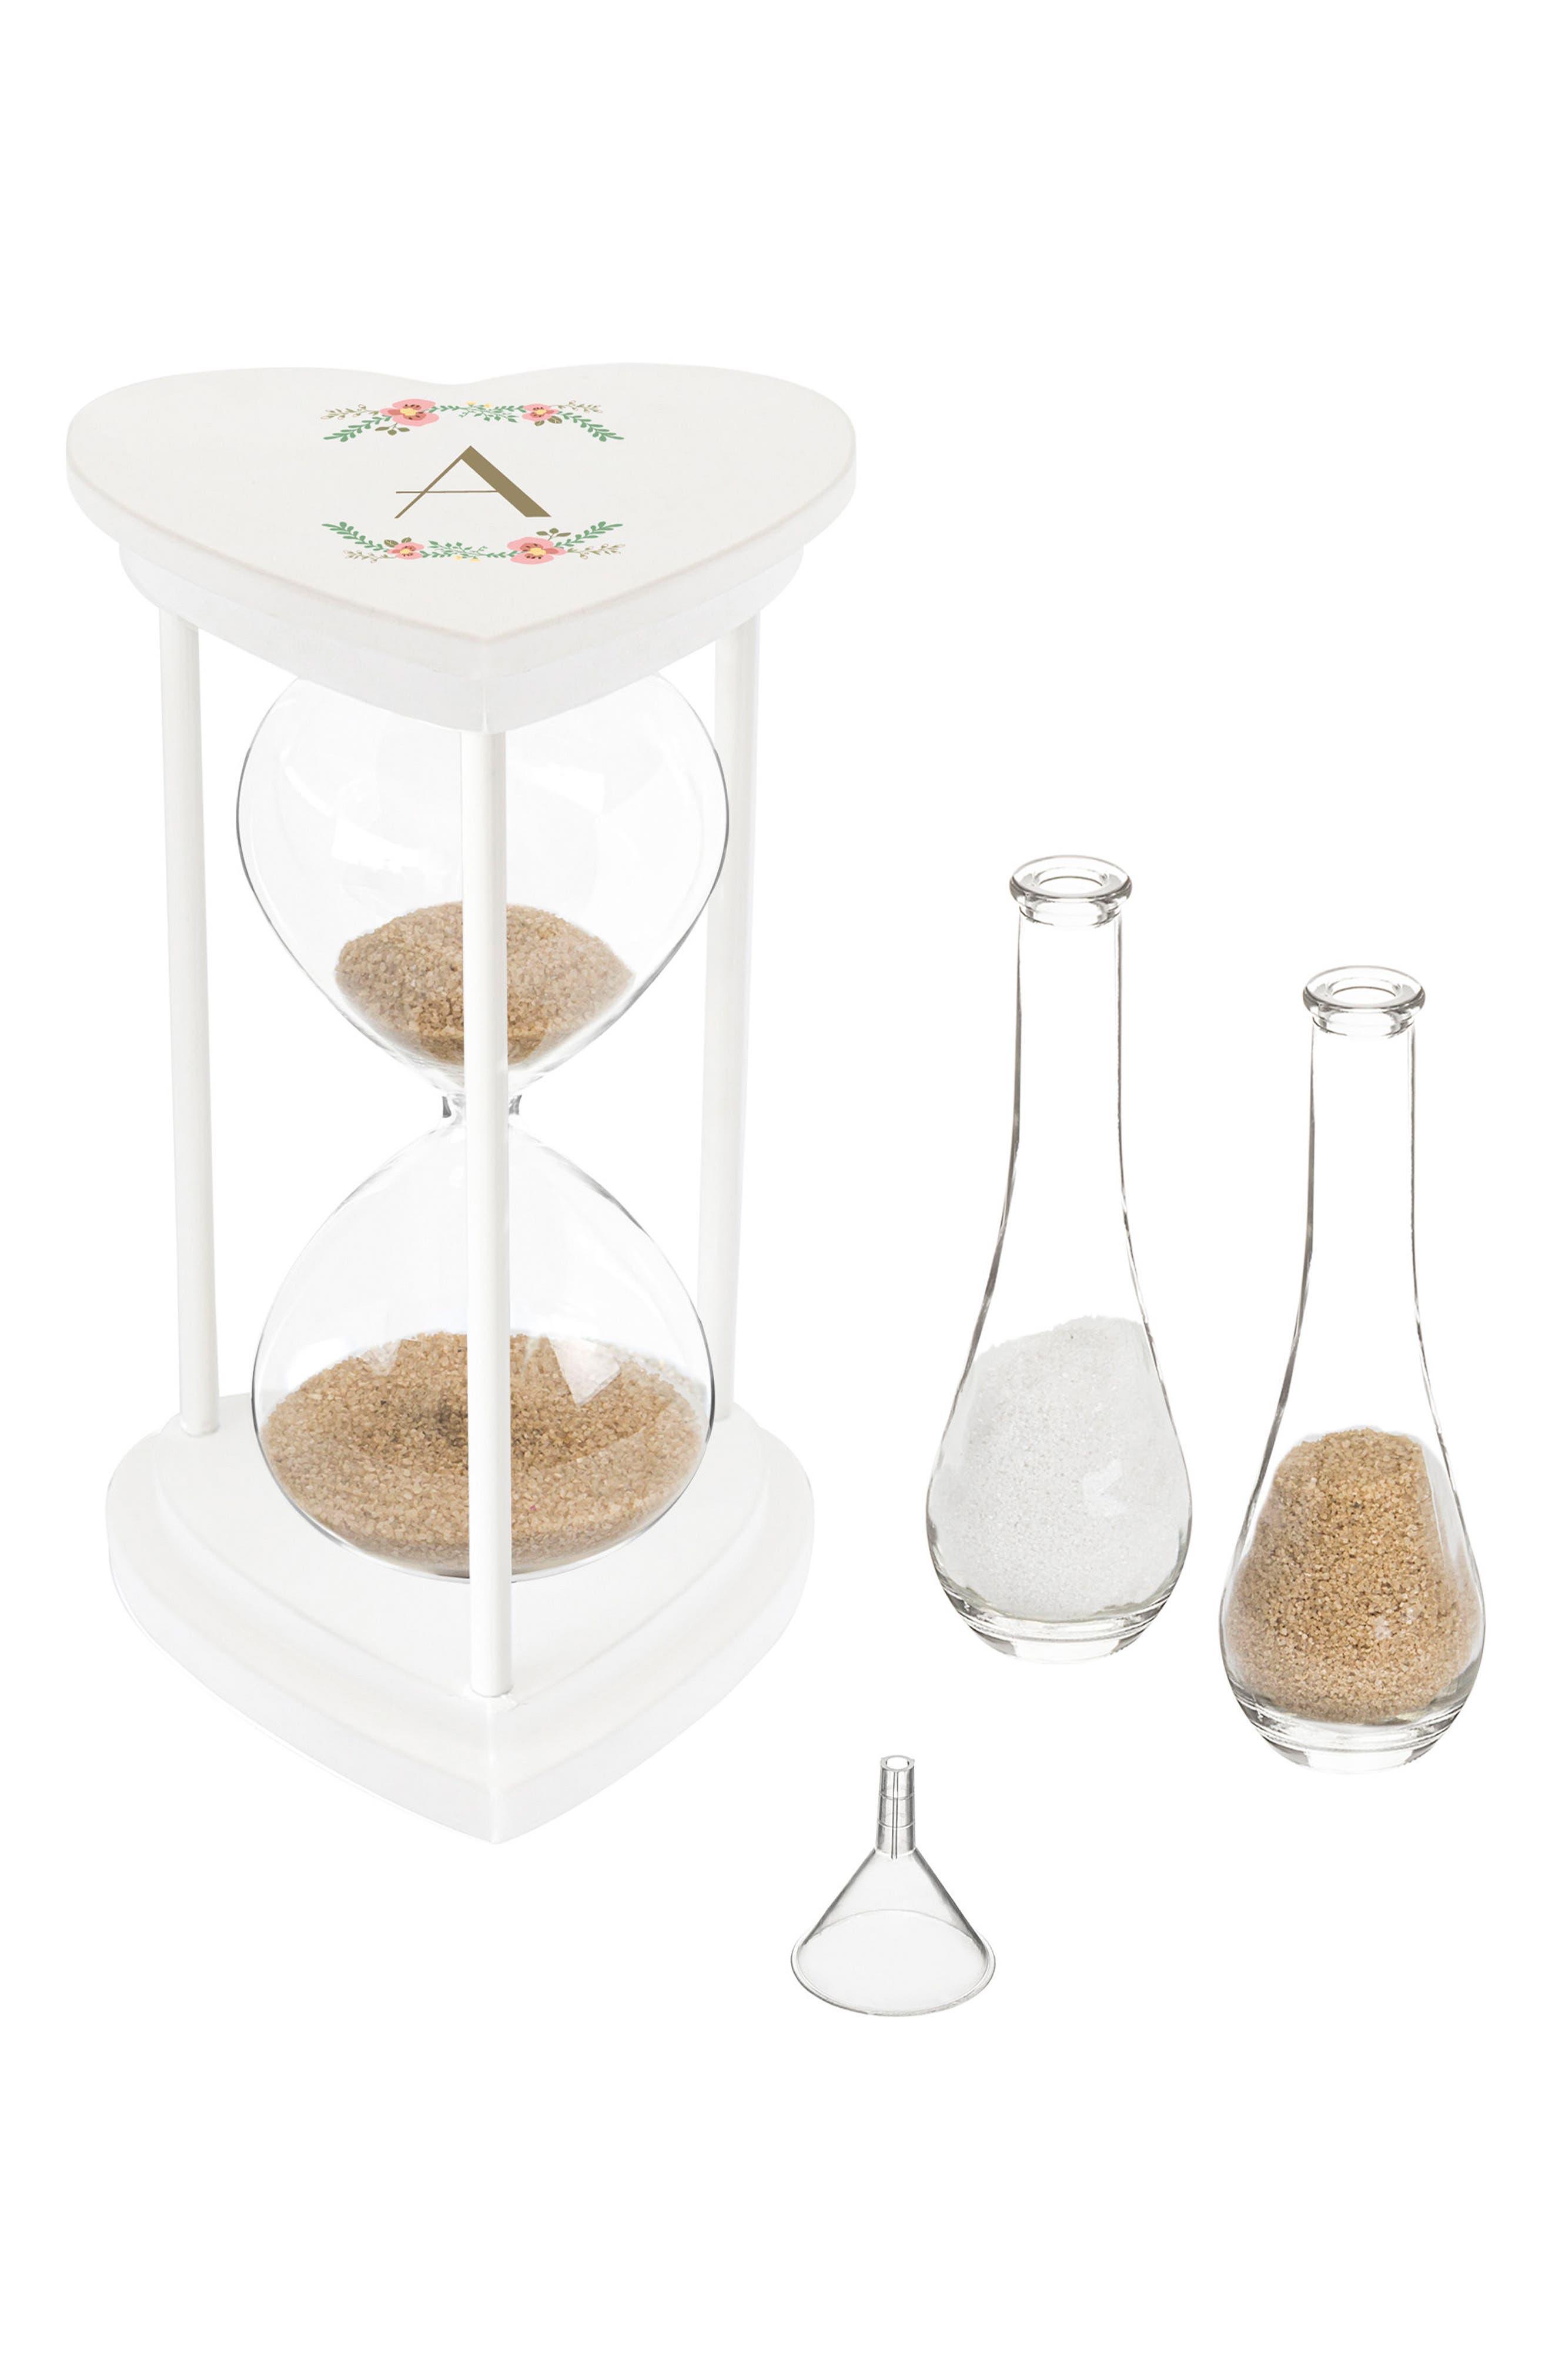 Monogram Unity Sand Ceremony Hourglass Set,                         Main,                         color, White - A